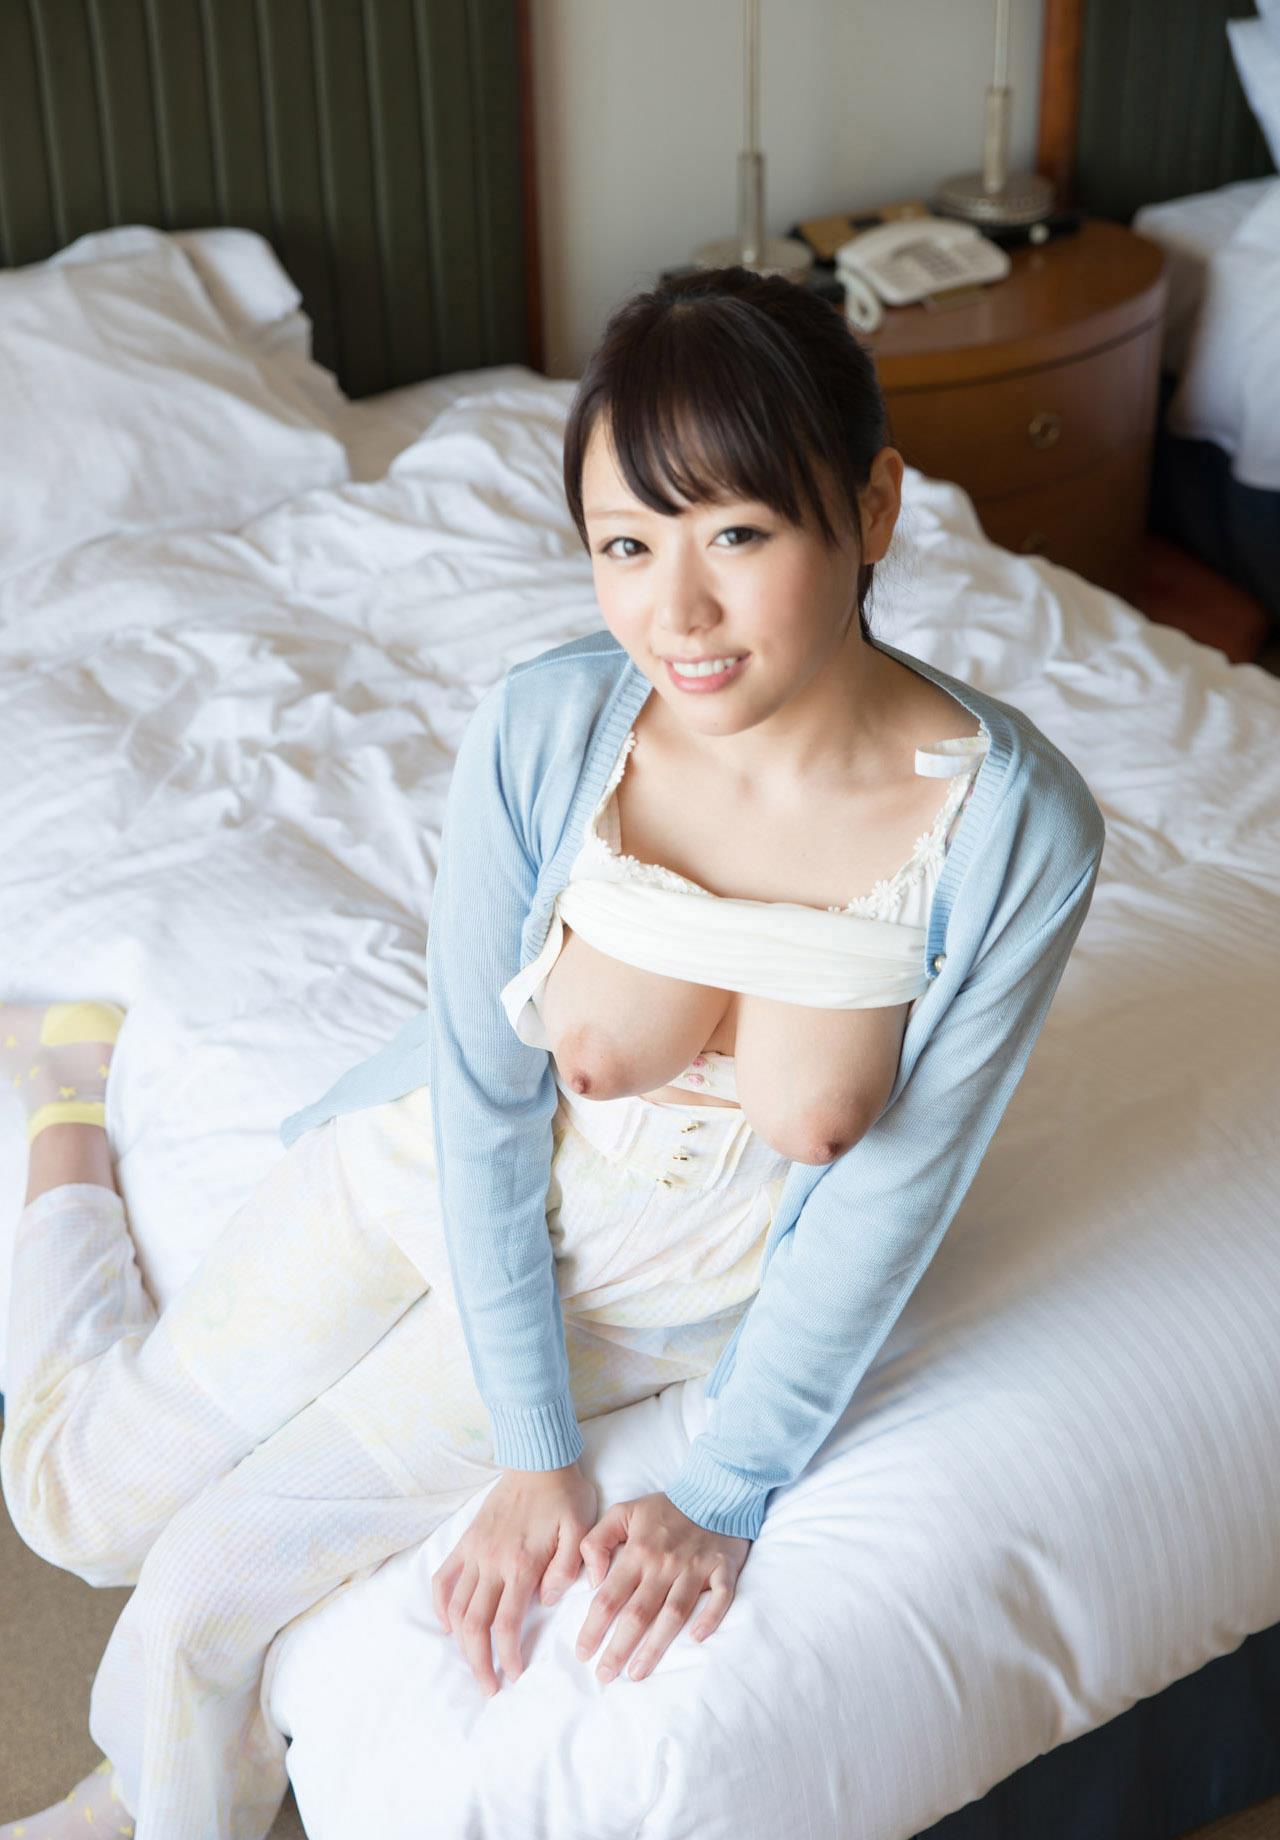 浜崎真緒(はまさきまお) ロリ顔ポニーテール、色白柔らかそうなおっぱいに包まれるセックスAV女優画像 143枚 No.43